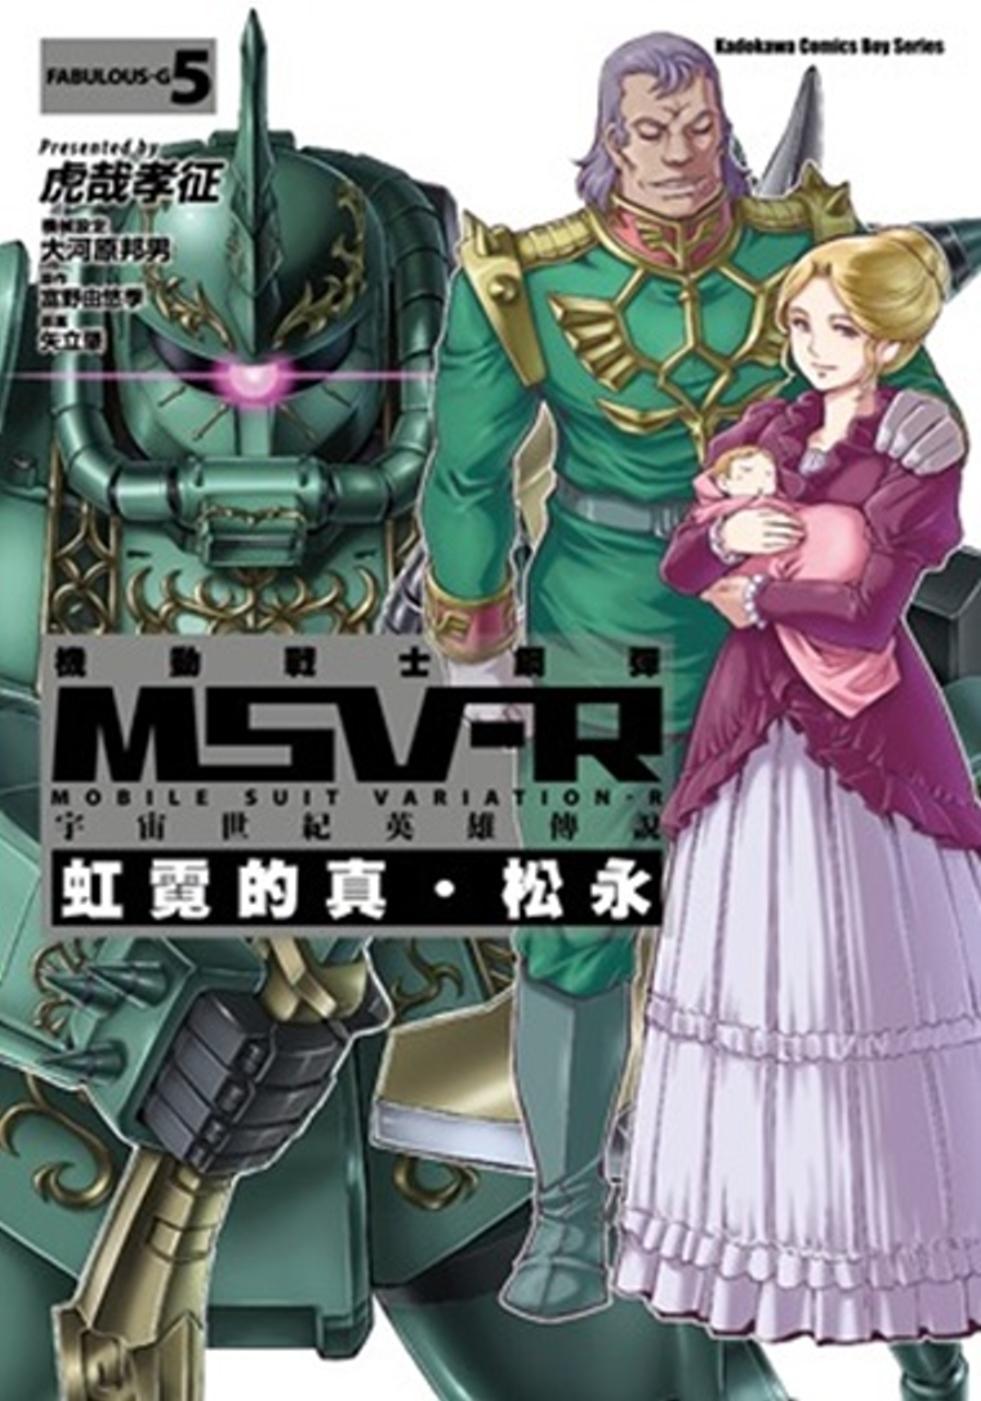 機動戰士鋼彈 MSV-R 宇宙世紀英雄傳說 虹霓的真‧松永 05